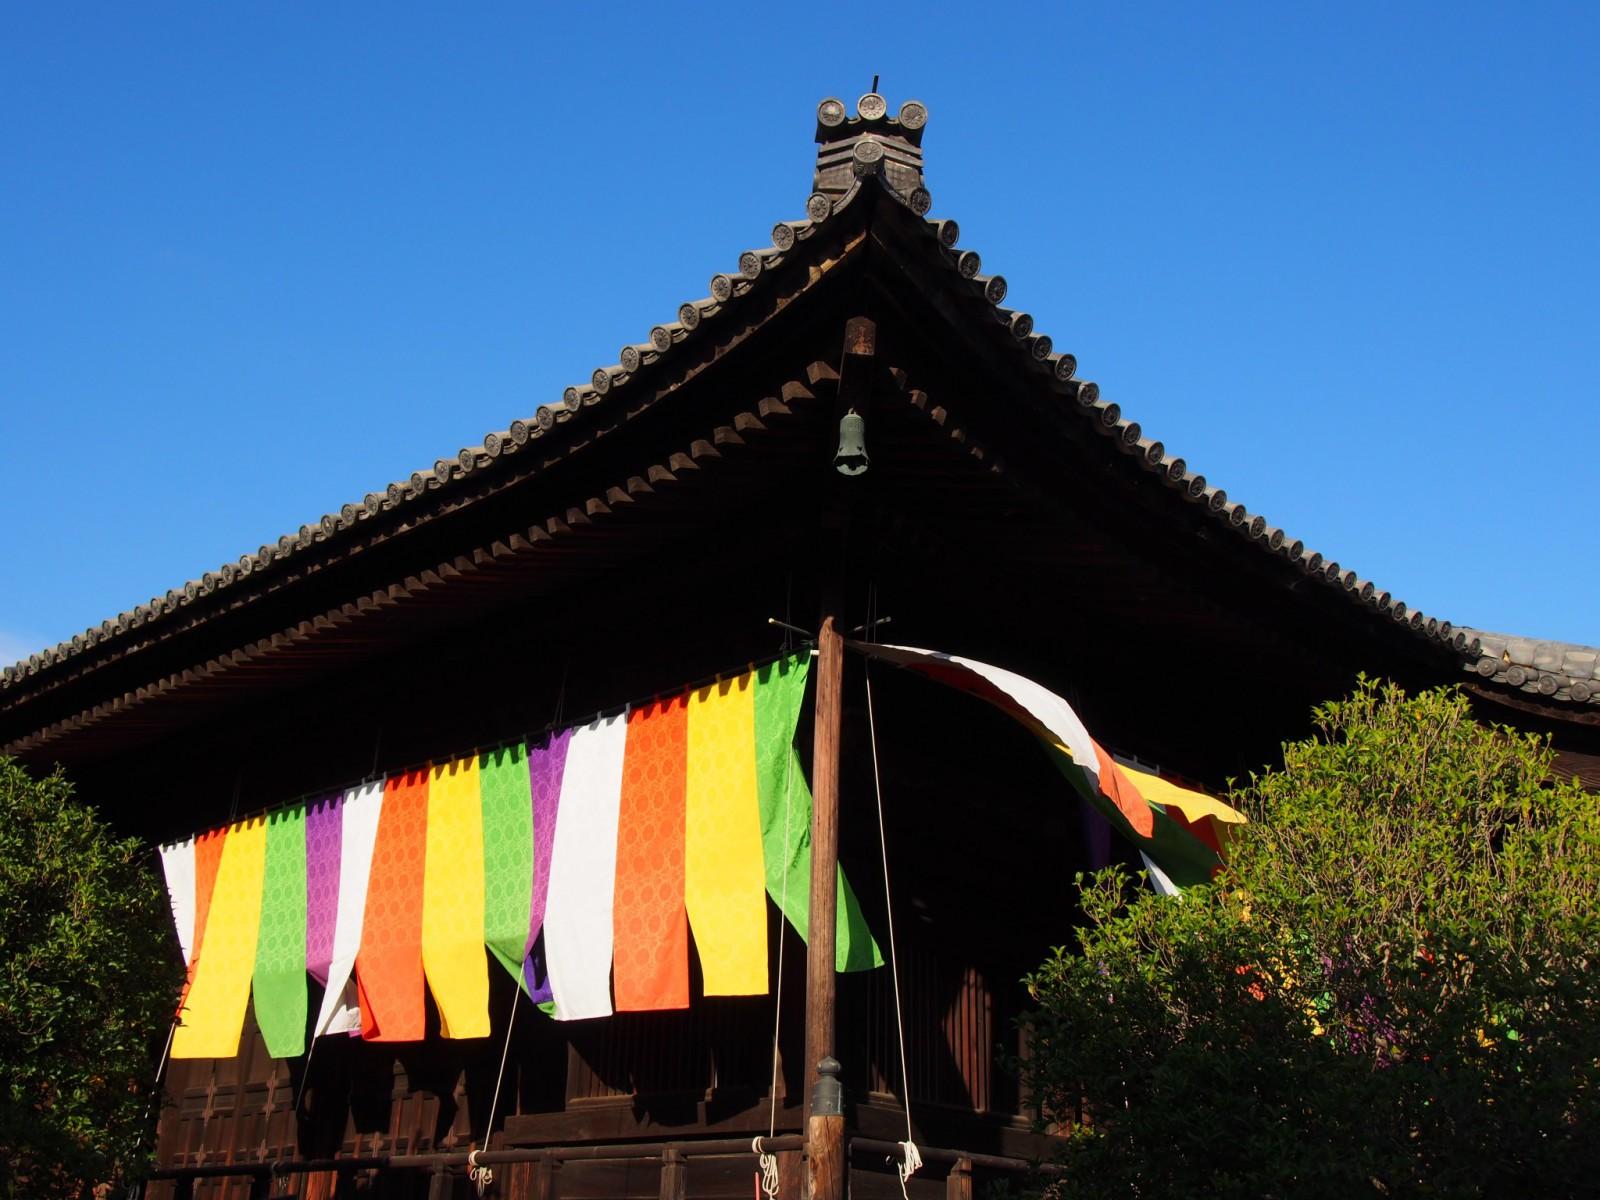 五色幕が美しい西大寺本堂